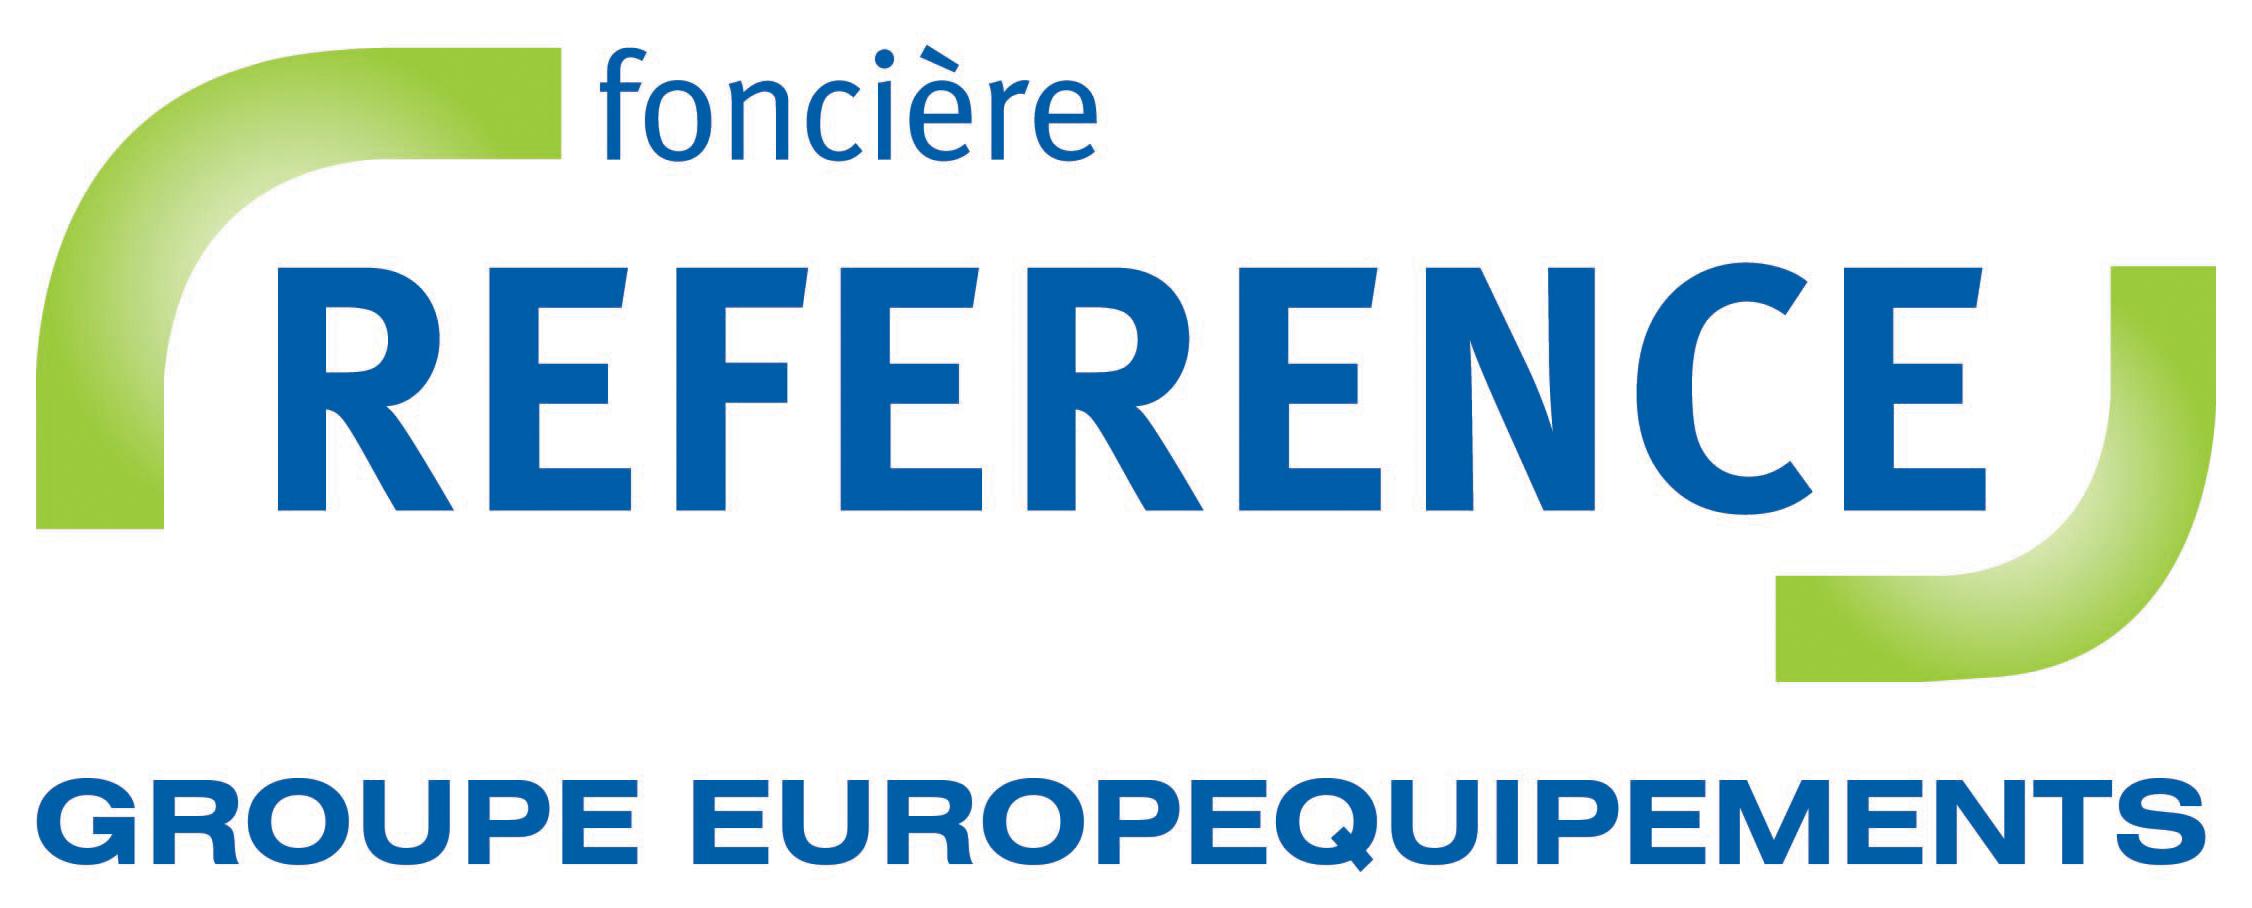 logo-fonciere-reference-01